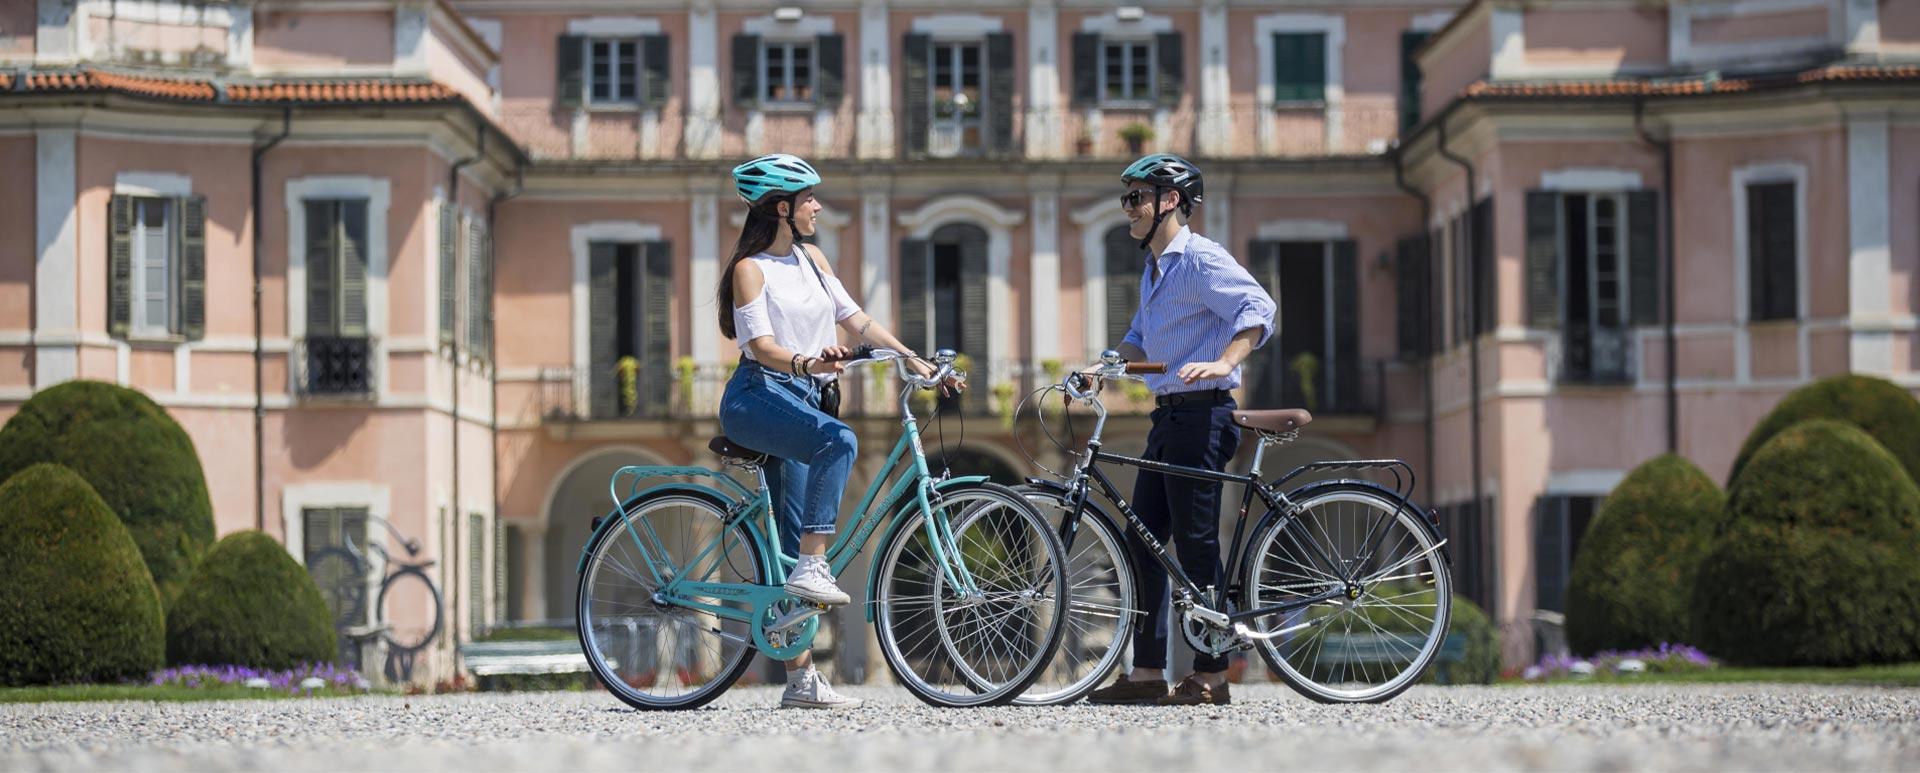 noleggio bici e ebike pisa, la belle equipe